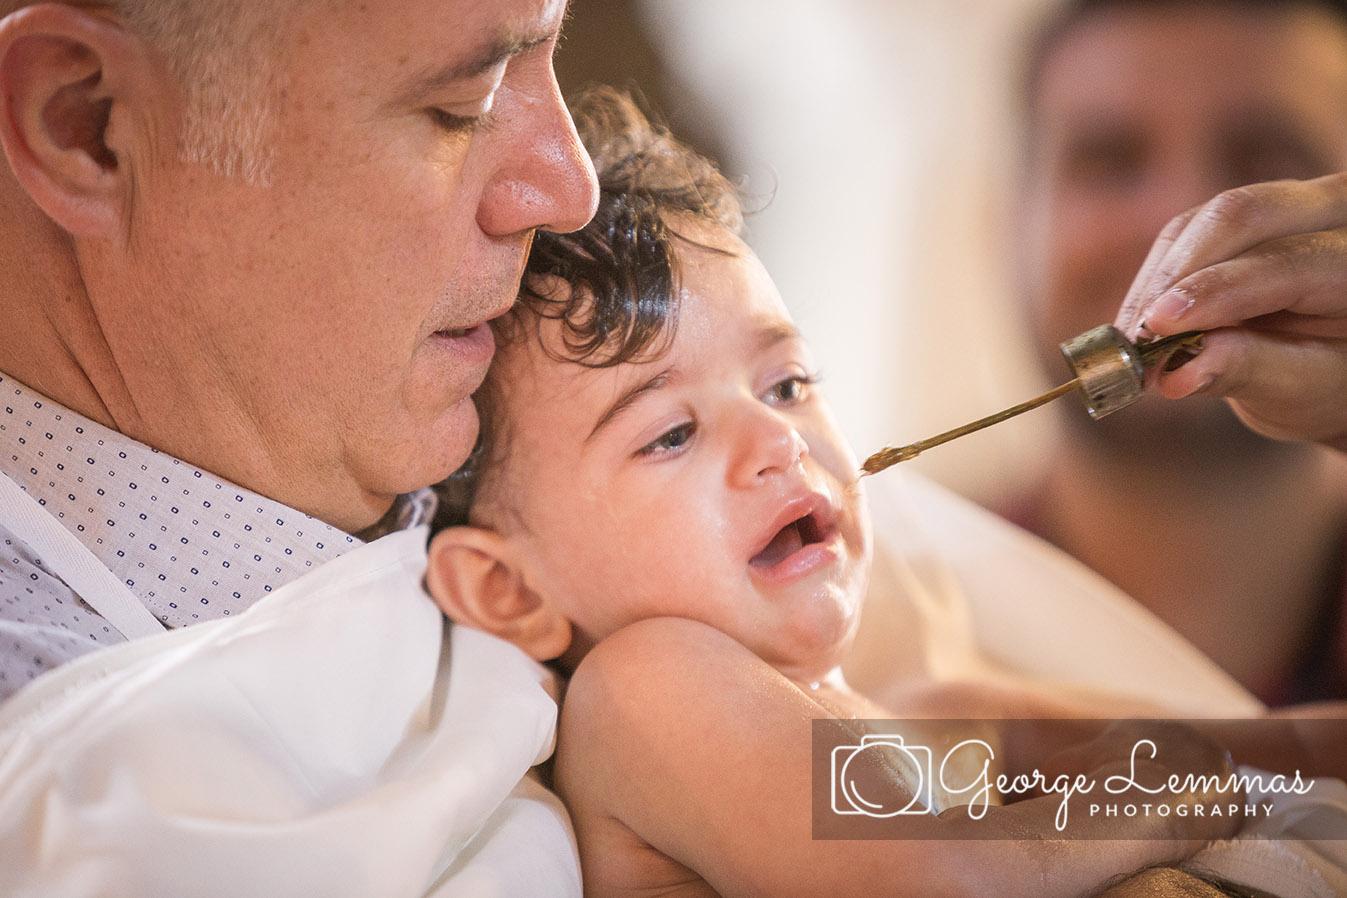 Φωτογραφοι Γαμου Βαπτισης Βολος Λαρισα Πηλιο Σκιαθος Σκοπελος θεσσαλονικη